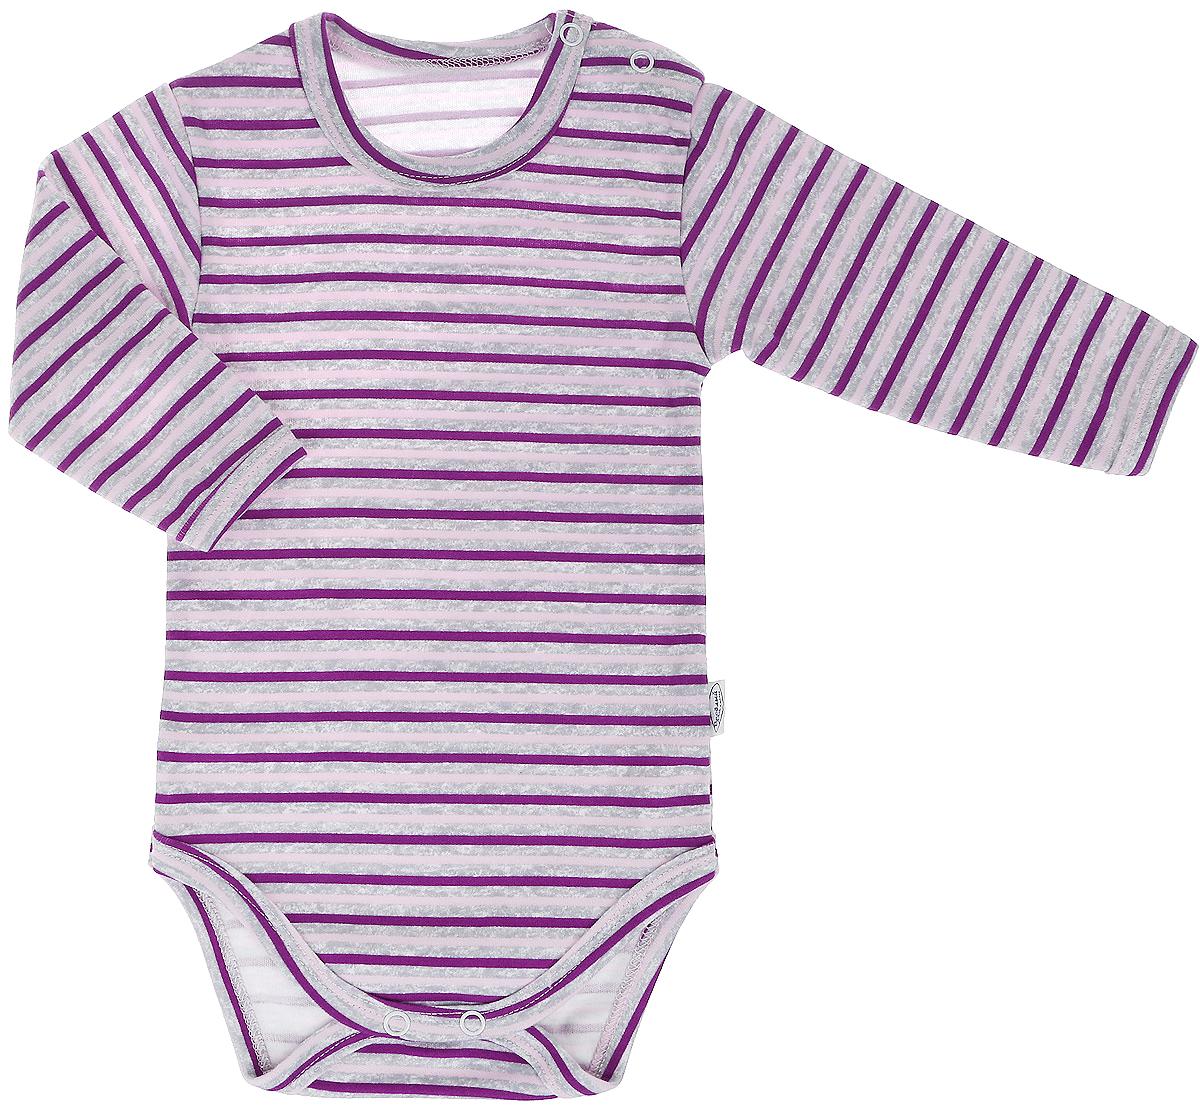 Боди для девочки Веселый малыш One, цвет: розовый. 46152/One-B (1). Размер 6246152Боди для девочки Веселый малыш One выполнено из качественного материала. Модель с круглым вырезом горловины и длинными рукавами застегивается на кнопки.